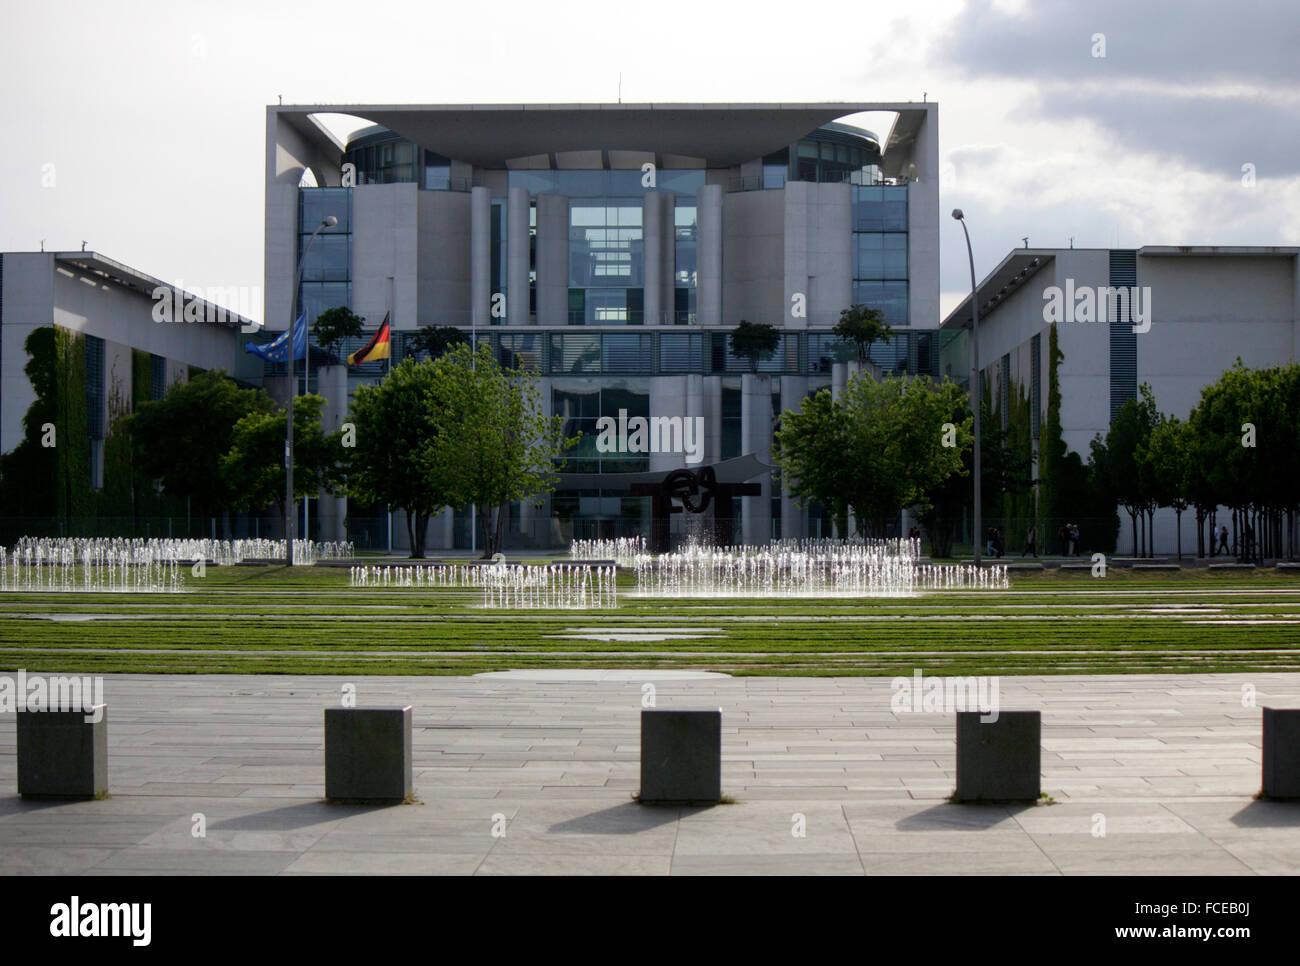 Bundeskanzleramt, Juni 2014, Berlin. - Stock Image